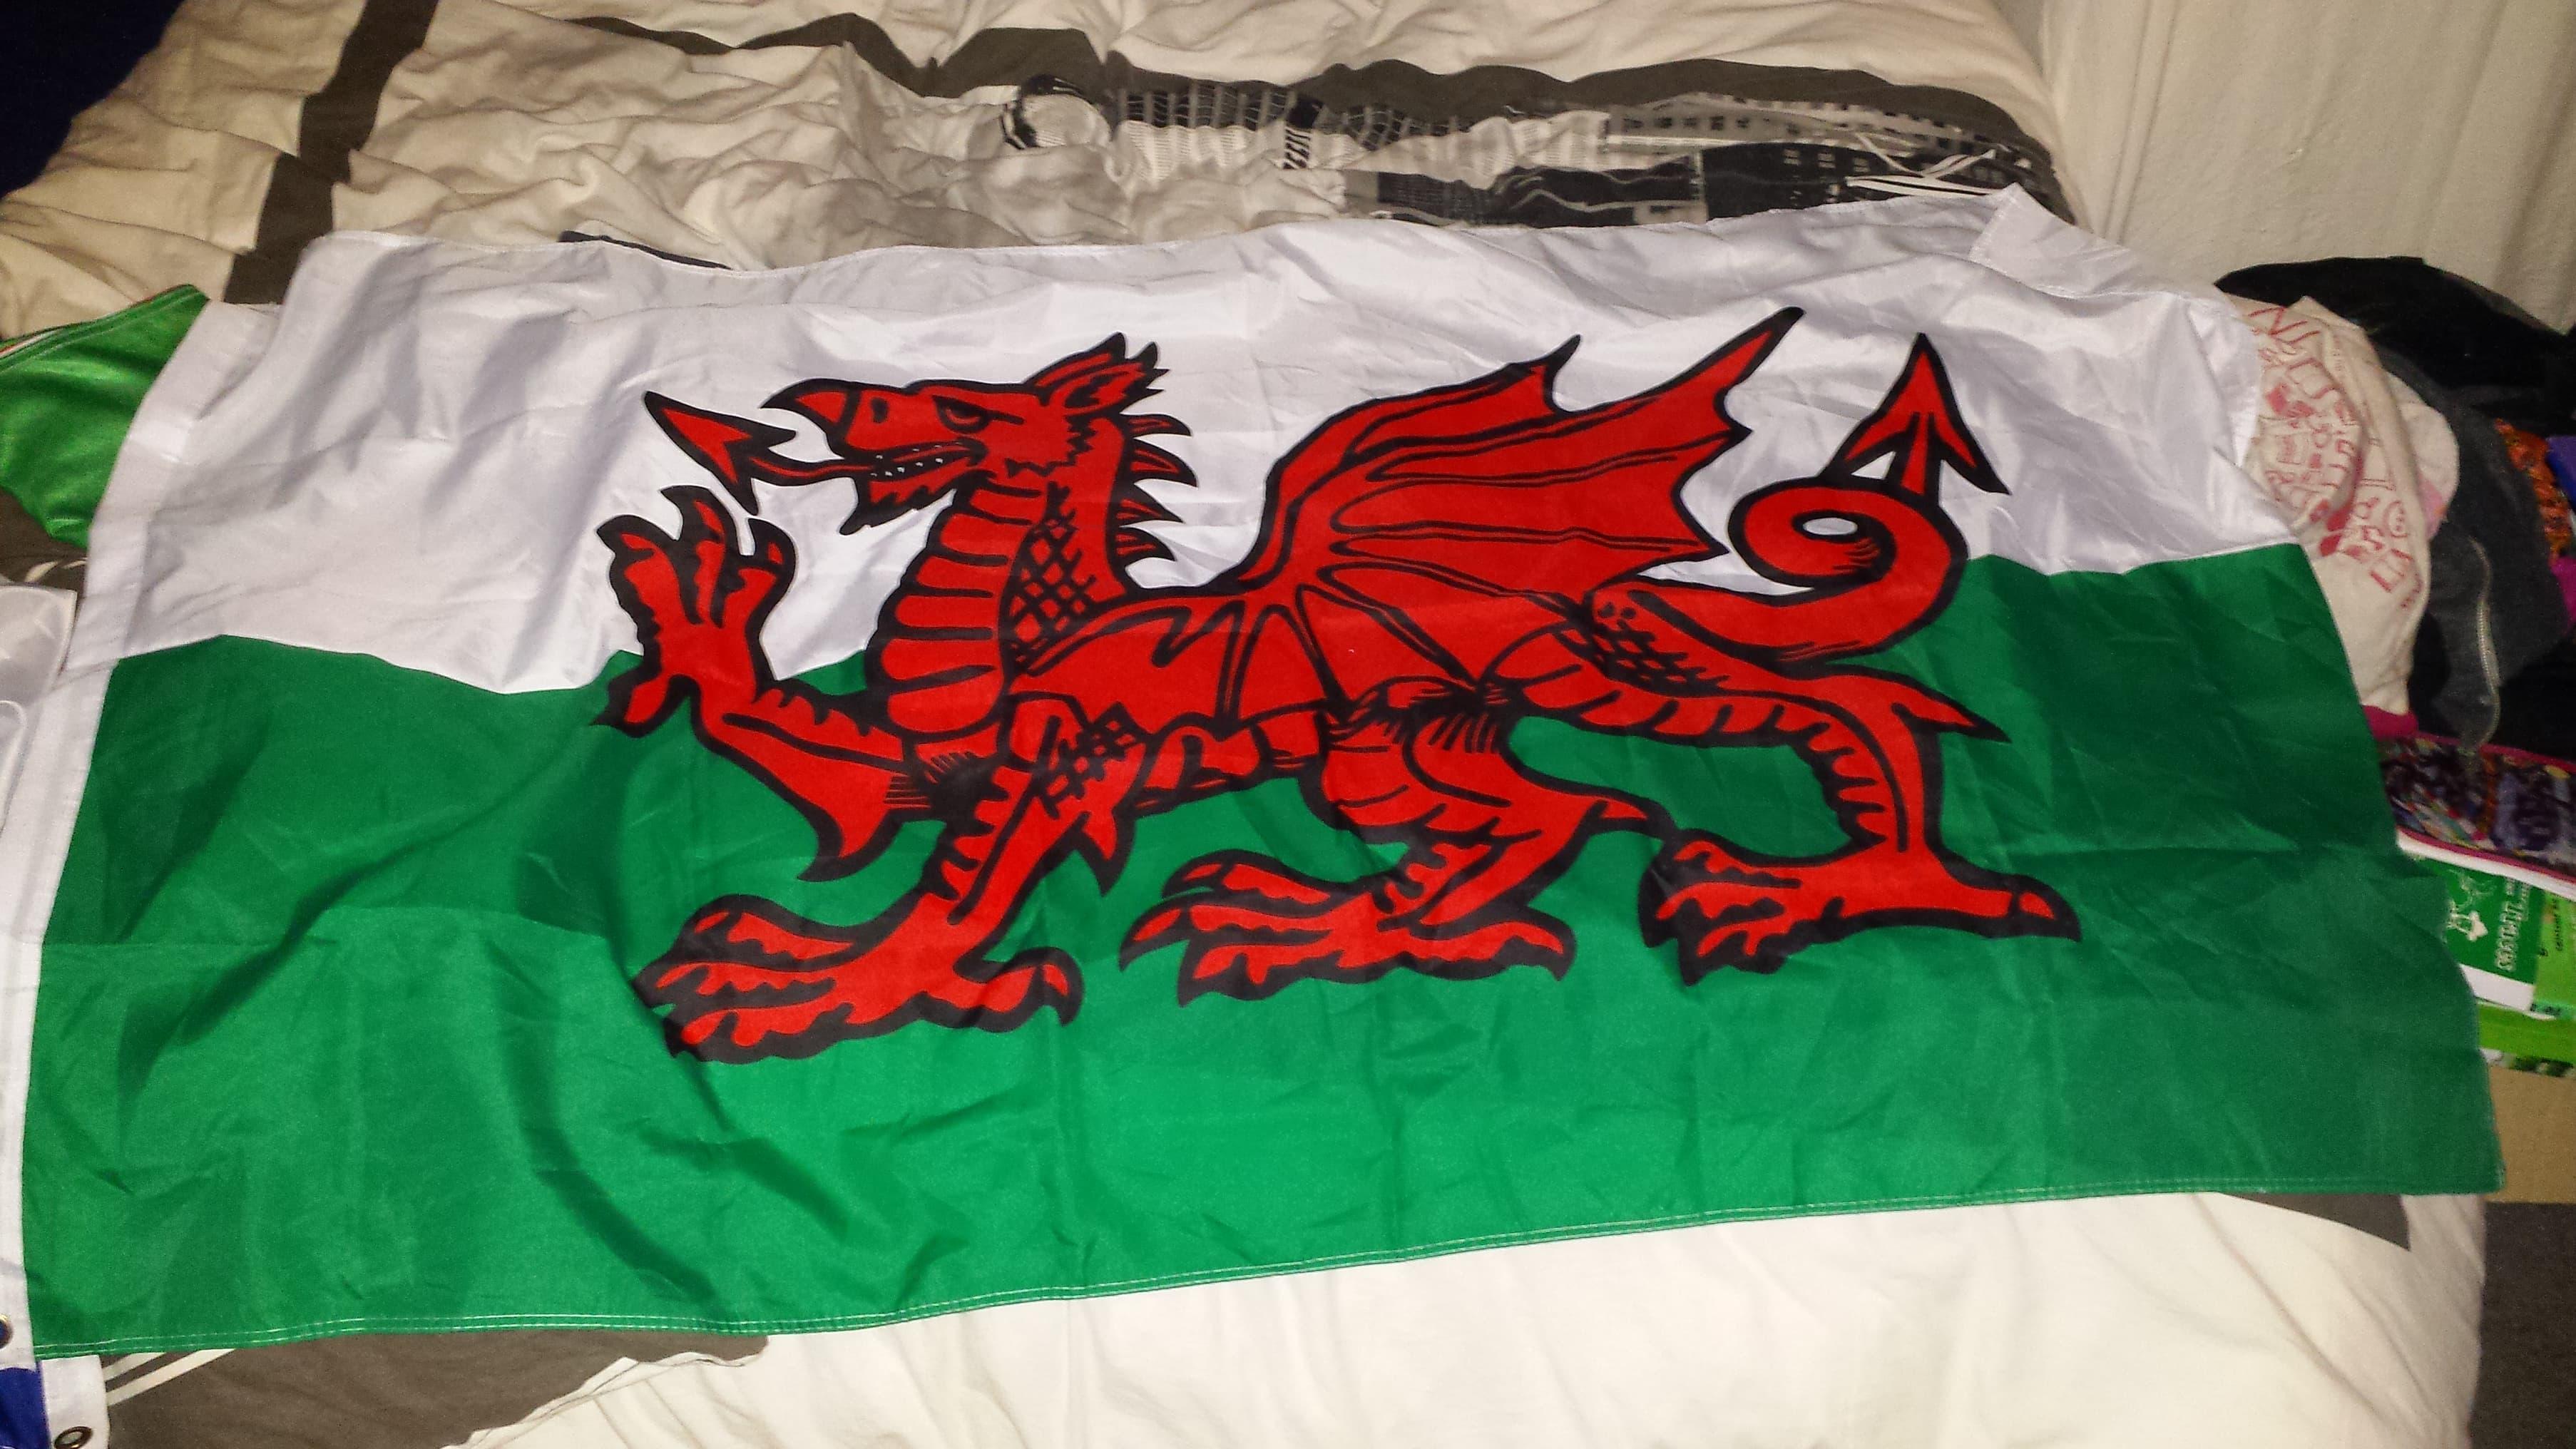 troc de troc drapeaux image 2